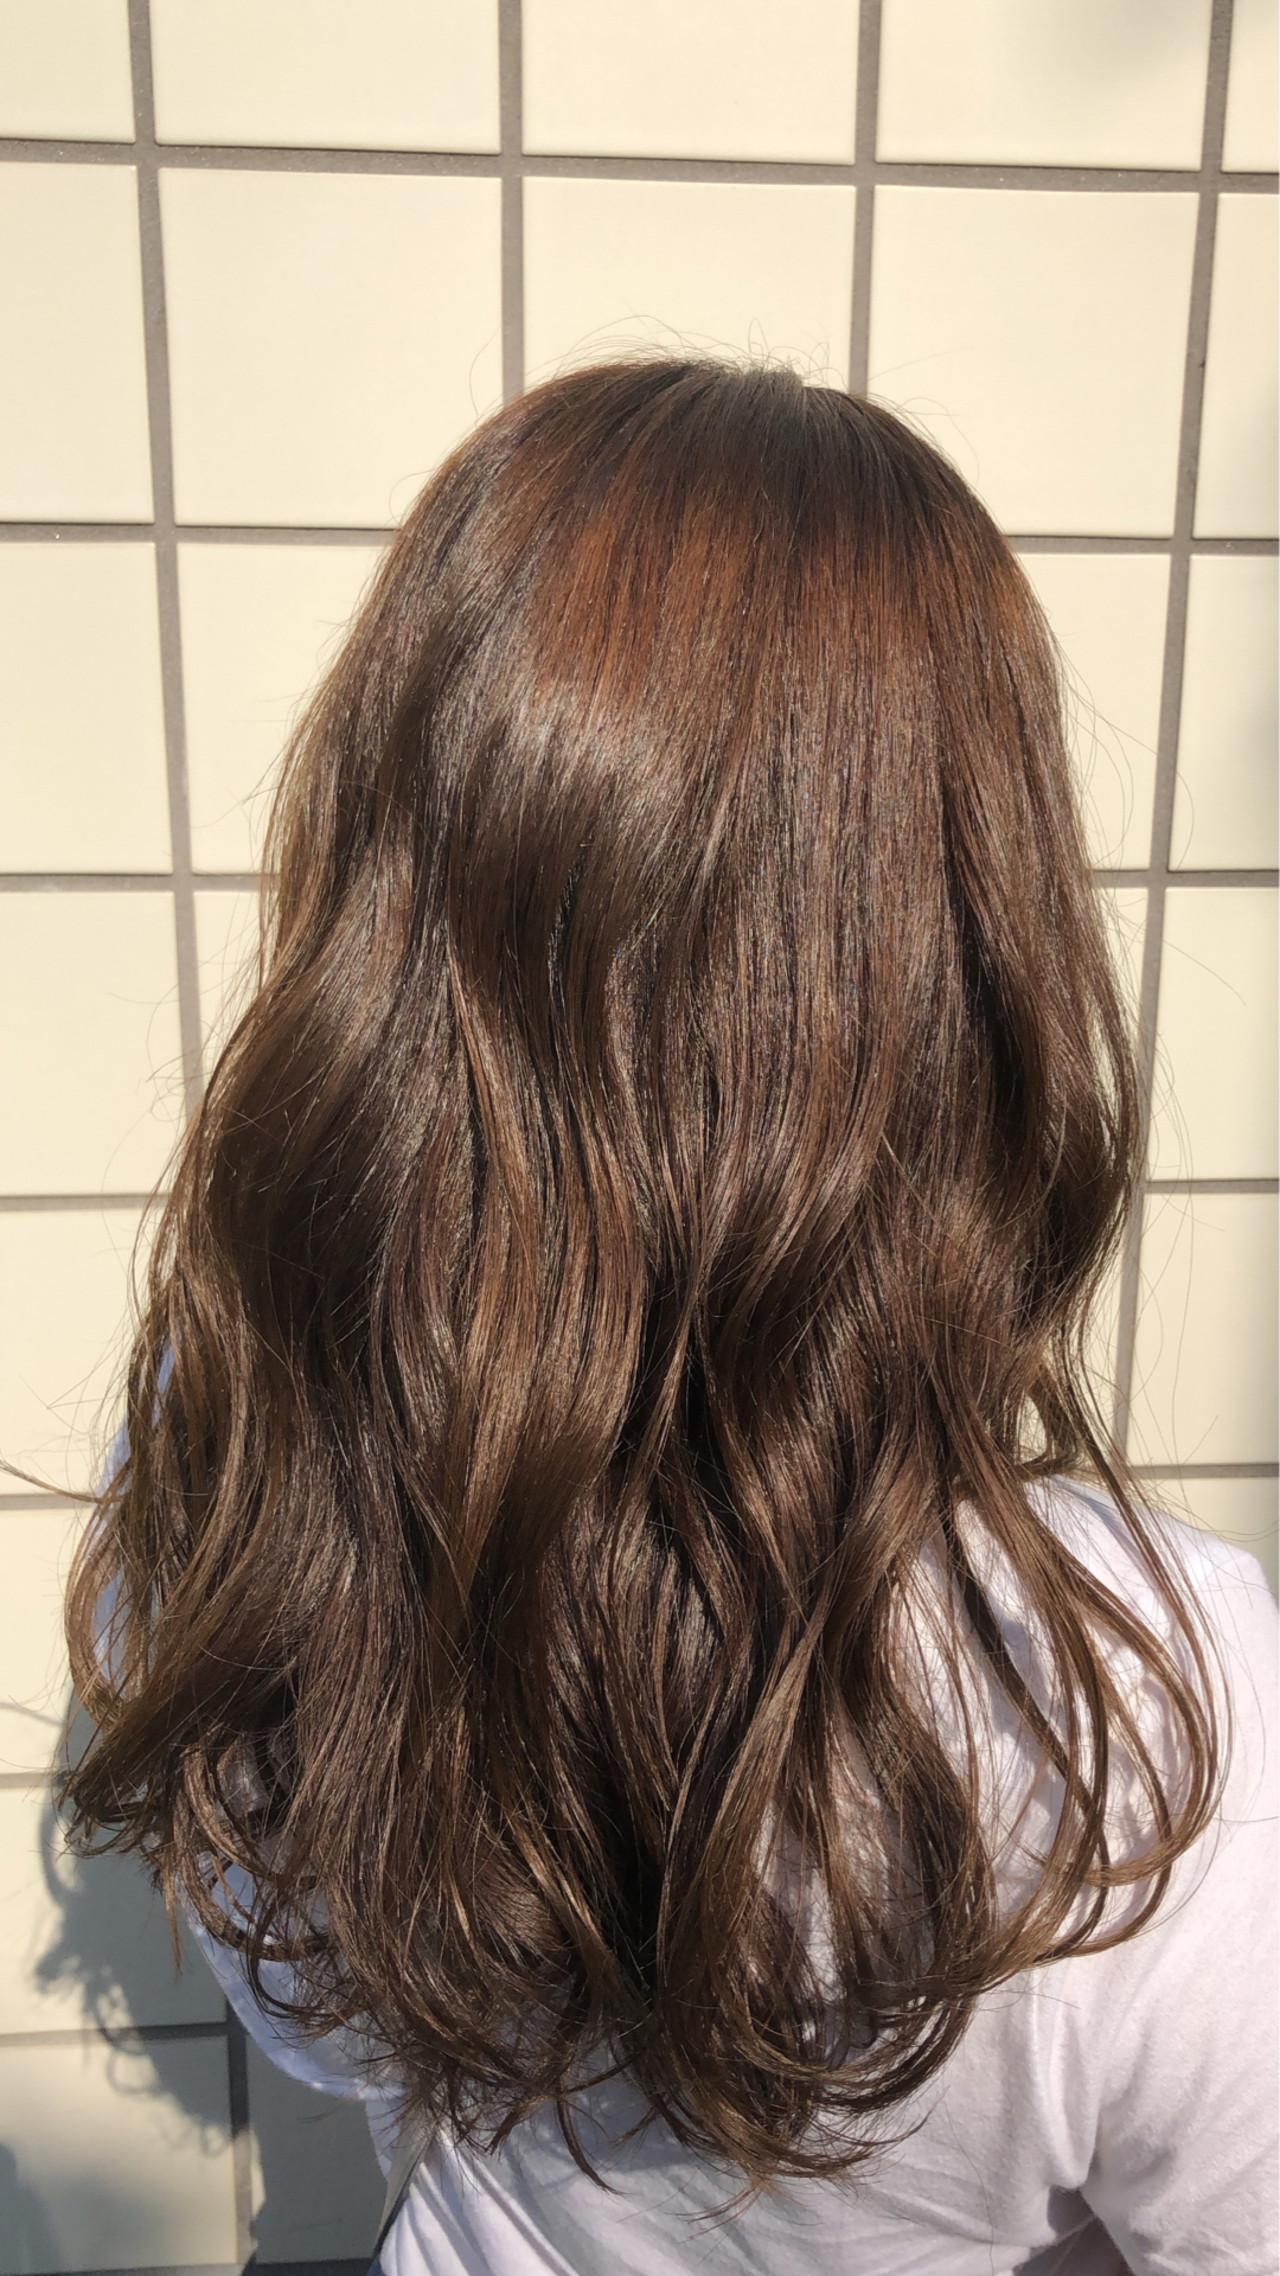 ブラウンベージュ 秋 秋ブラウン セミロング ヘアスタイルや髪型の写真・画像